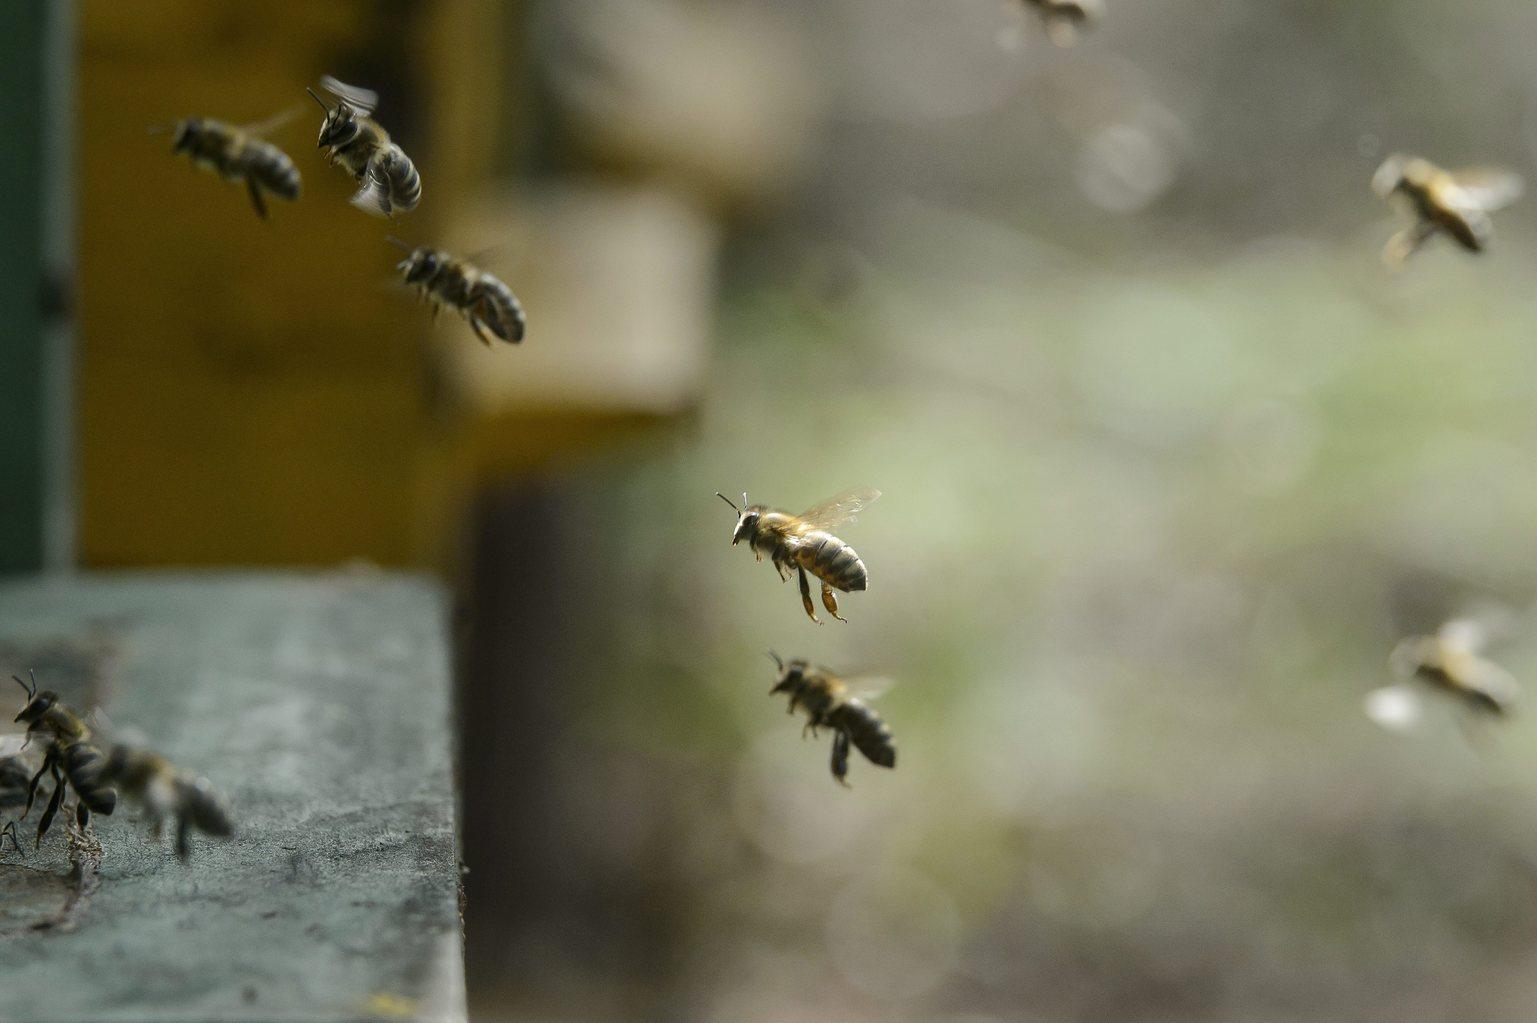 Méhek repülnek egy kaptár bejáratánál a Heves megyei Kál közelében 2016. április 26-án (MTI-fotó: Komka Péter)